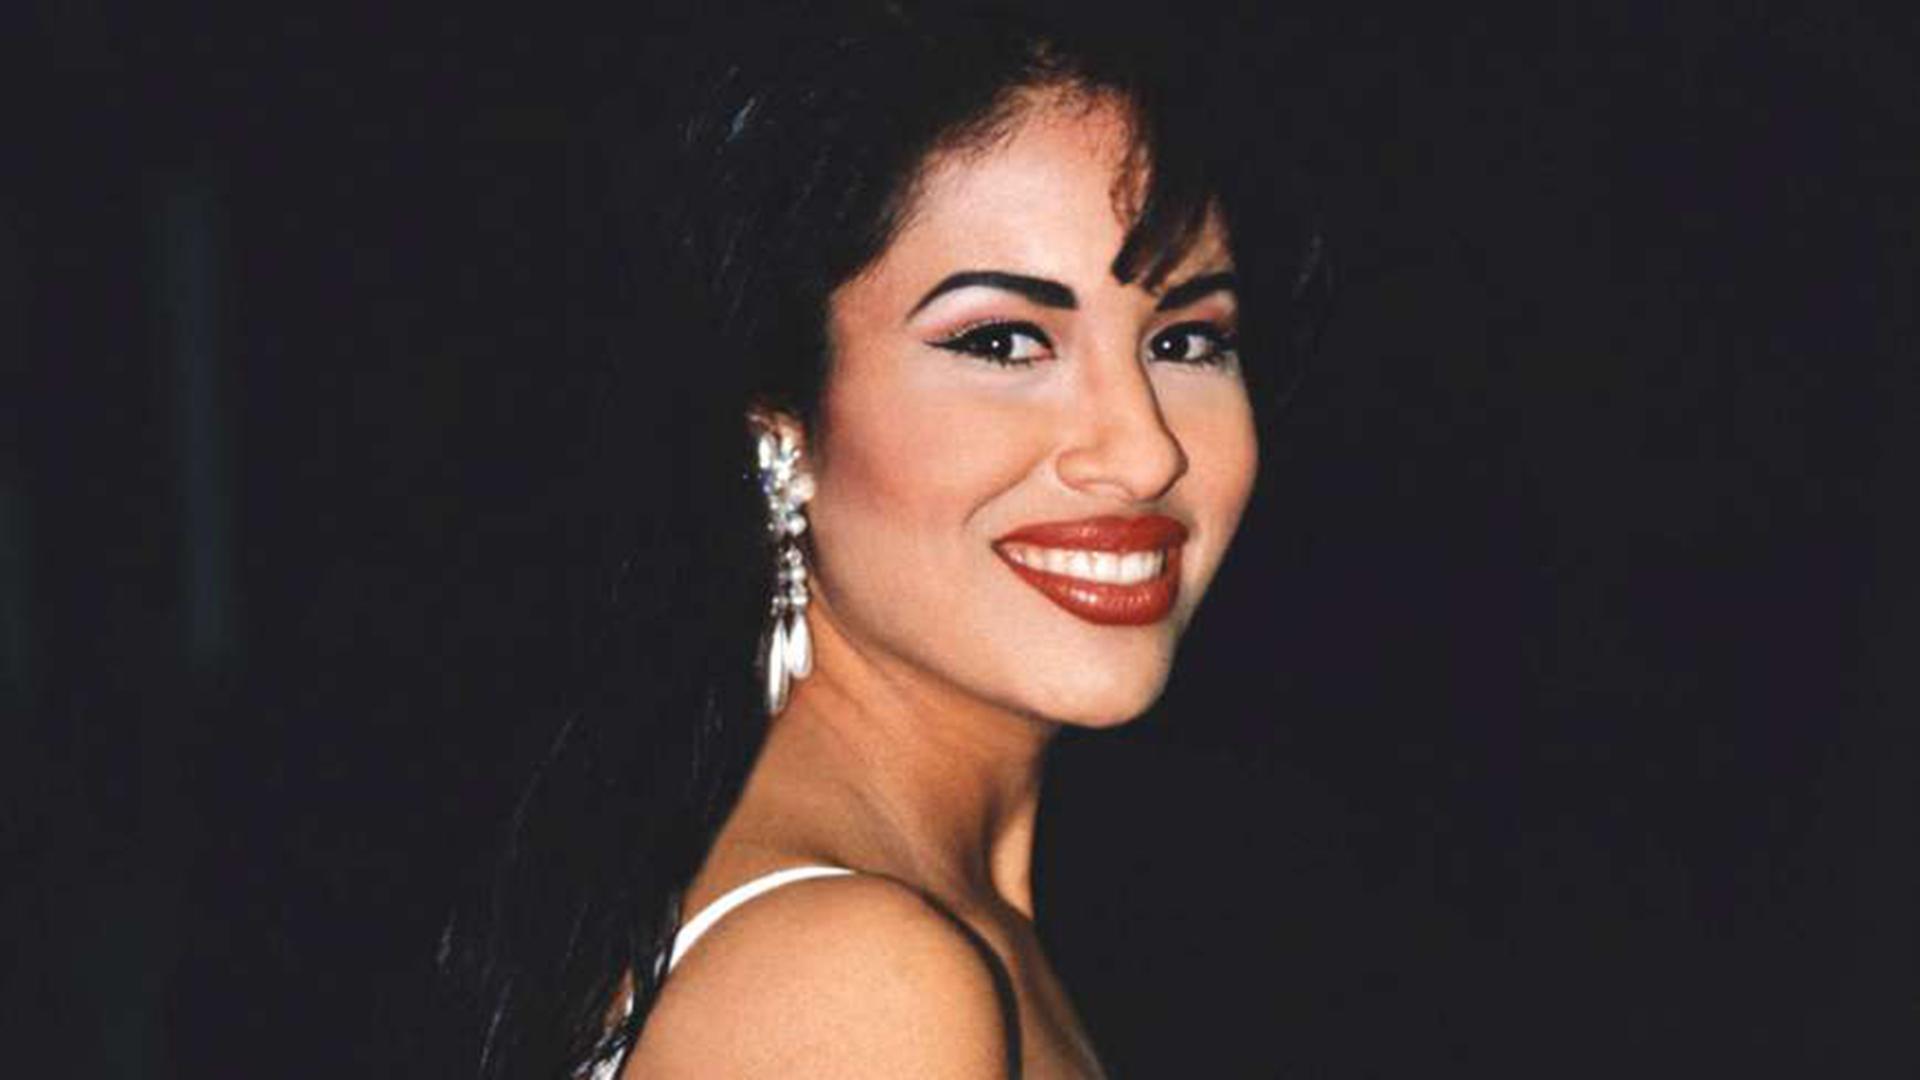 A 23 años de la muerte de Selena, así la recuerda su hermana Suzette  Quintanilla (FOTO)